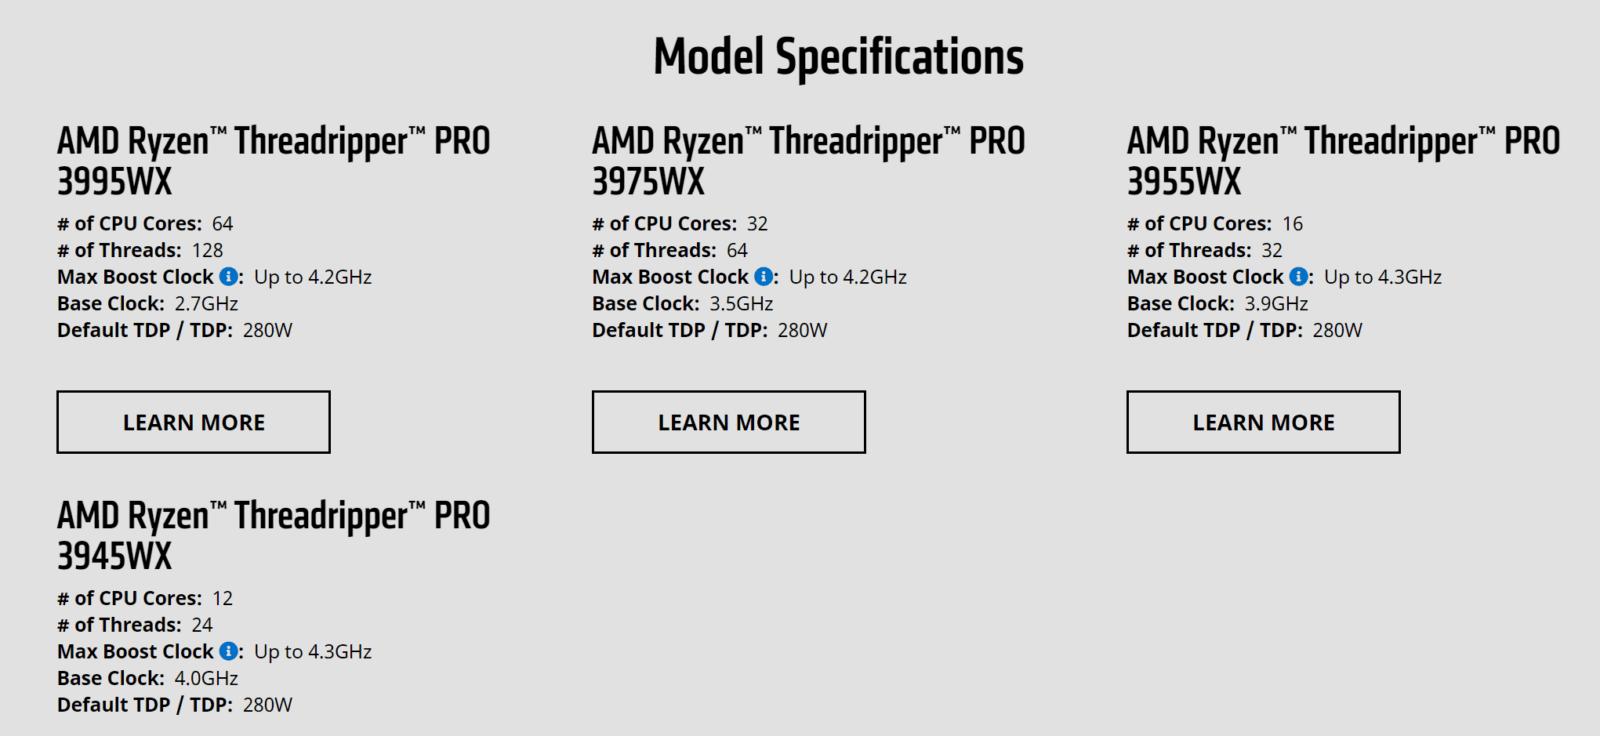 Процессоры AMD Ryzen Threadripper PRO поступили в продажу (image)